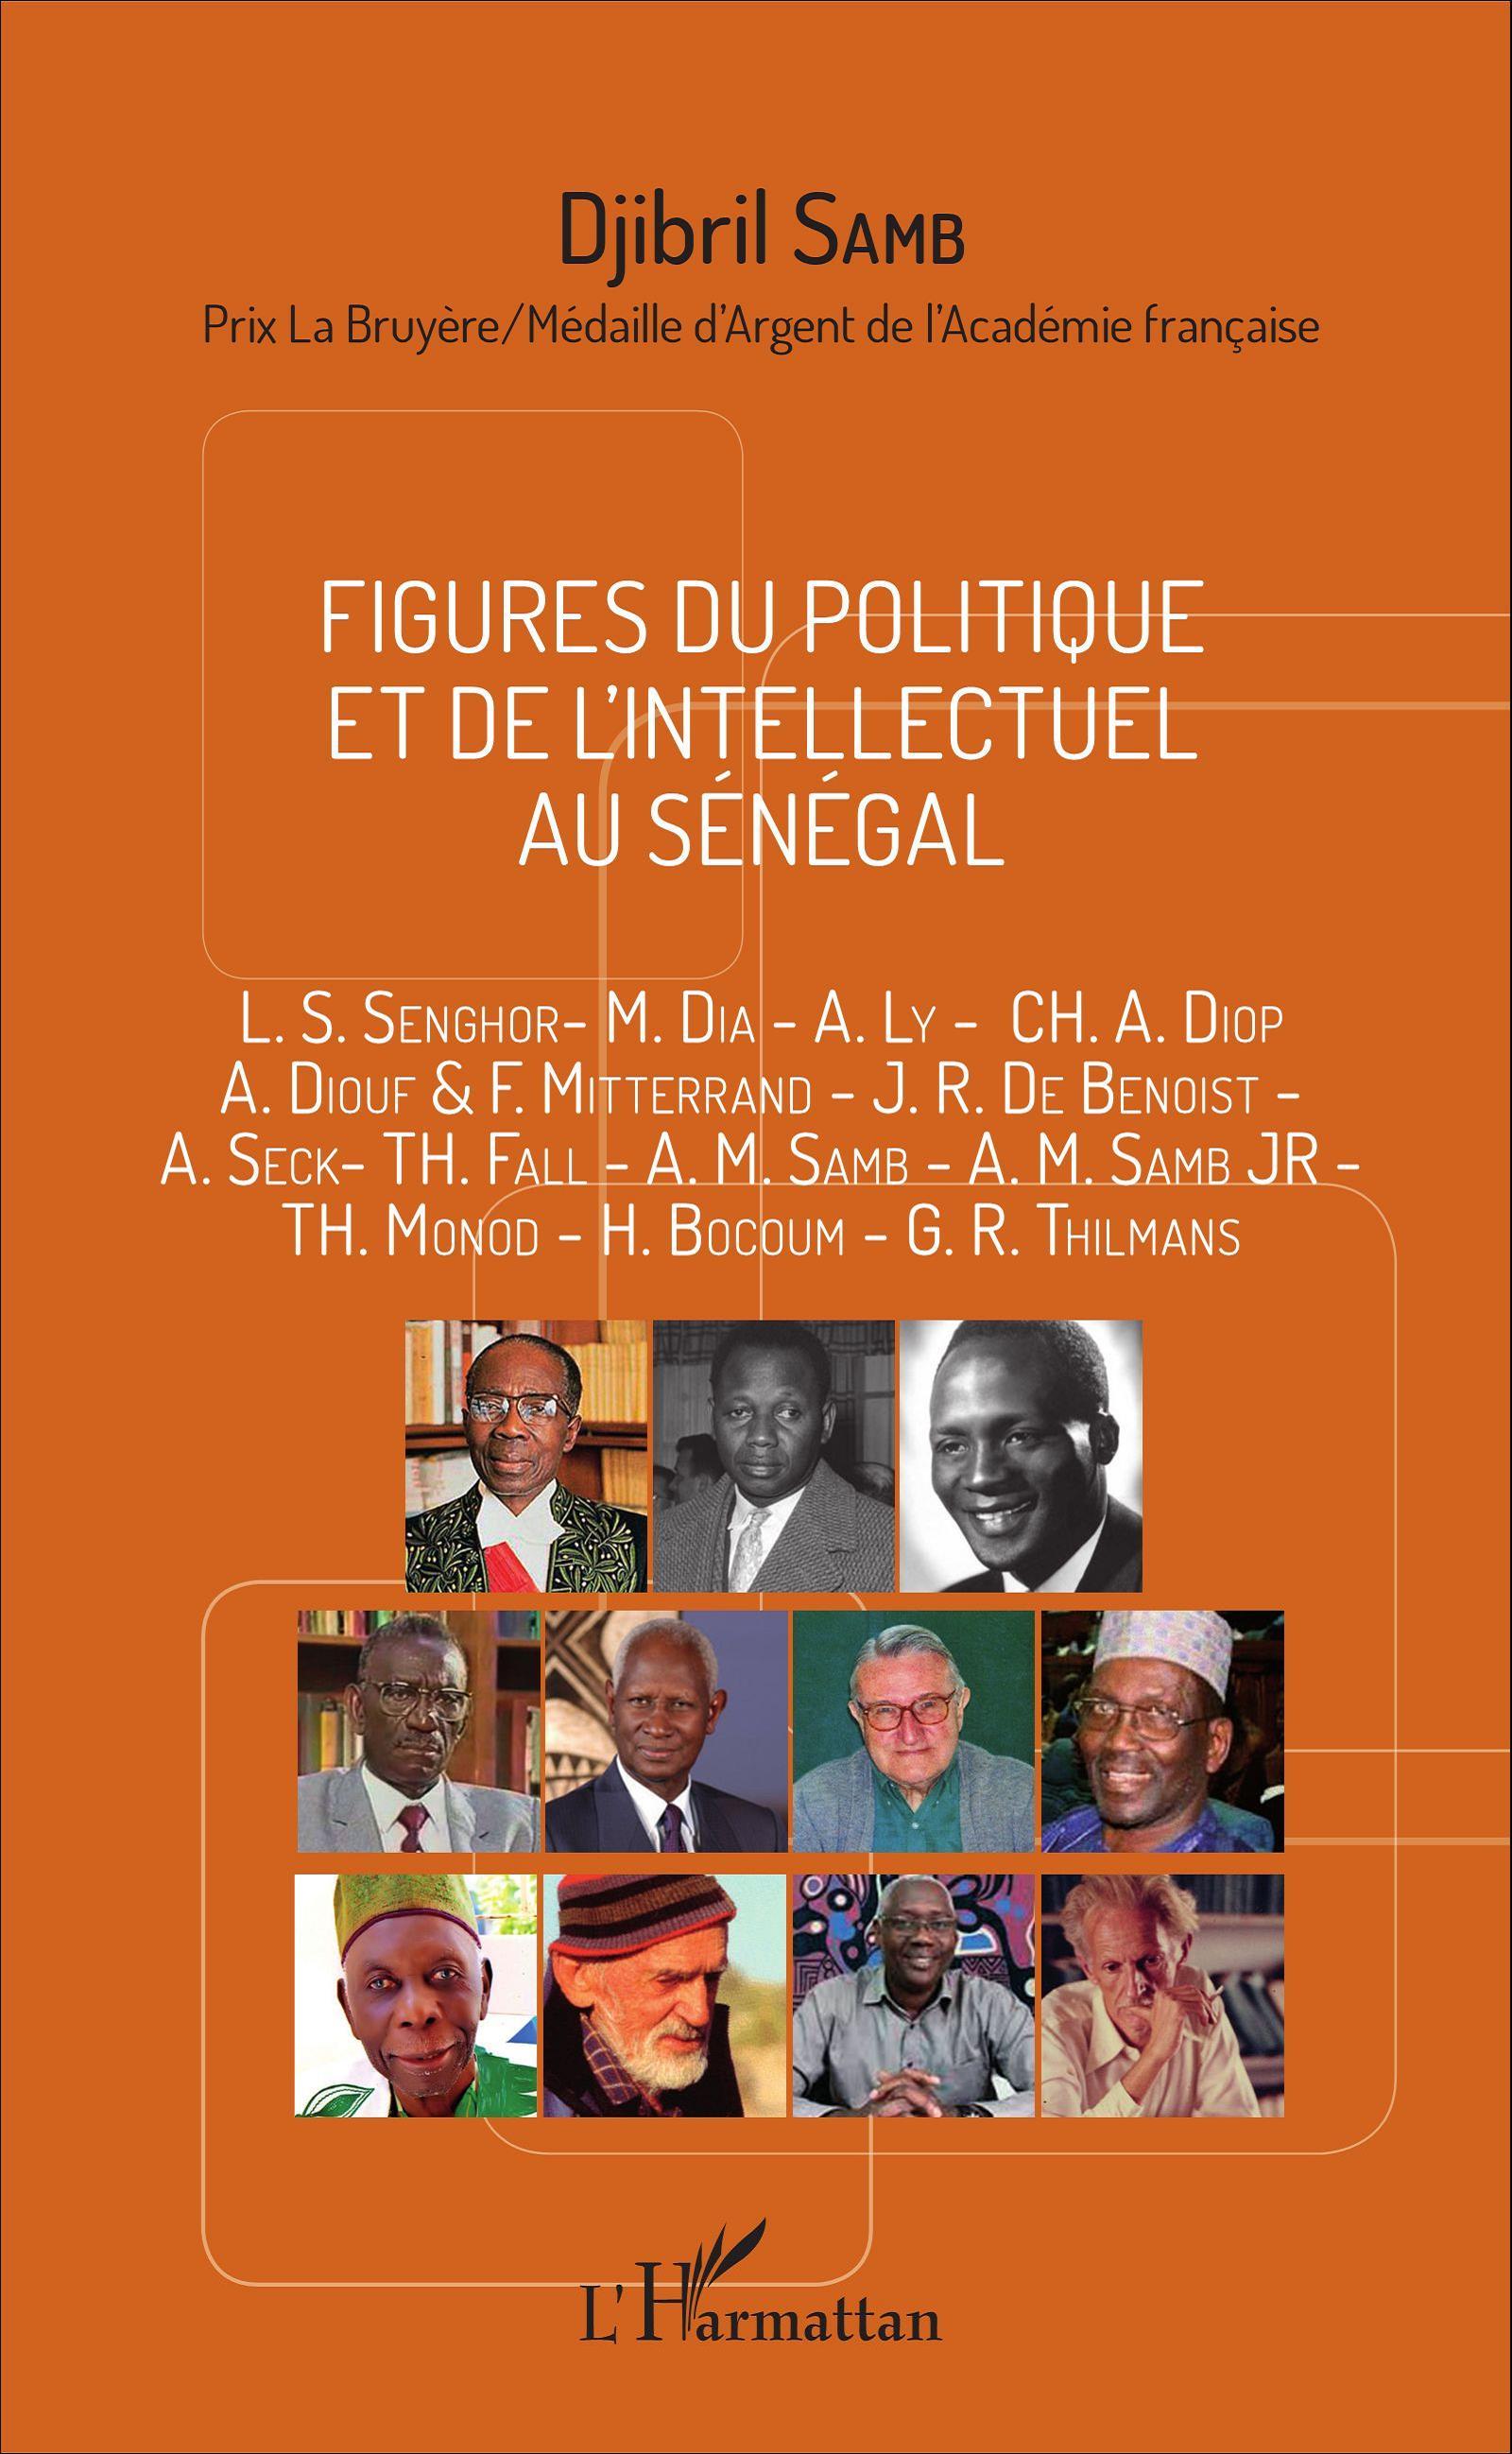 Figures du politique et de l'intellectuel au Sénégal